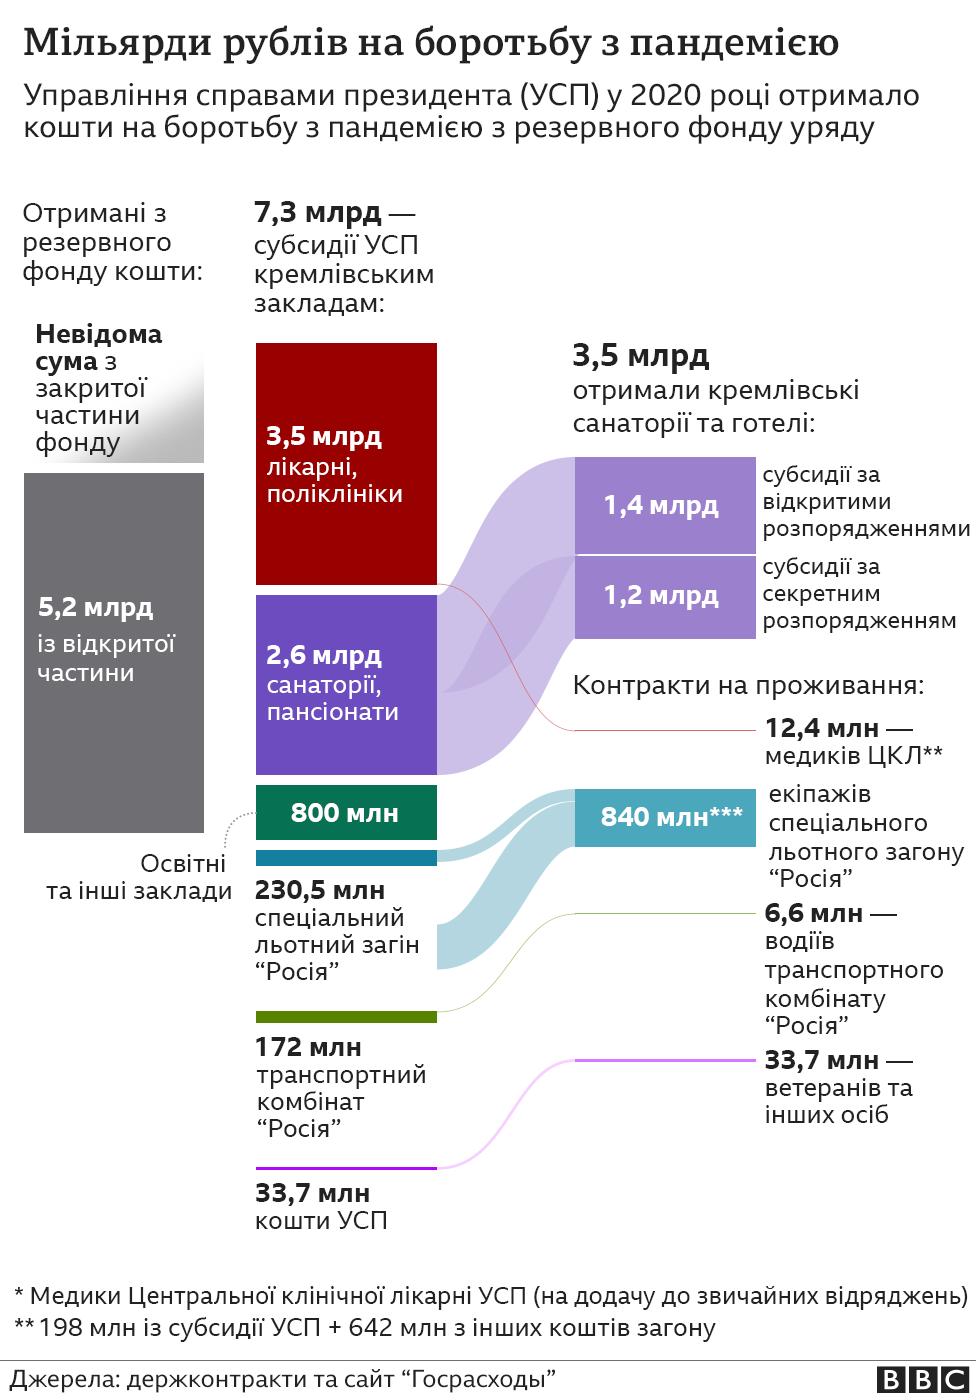 кремлівський карантин